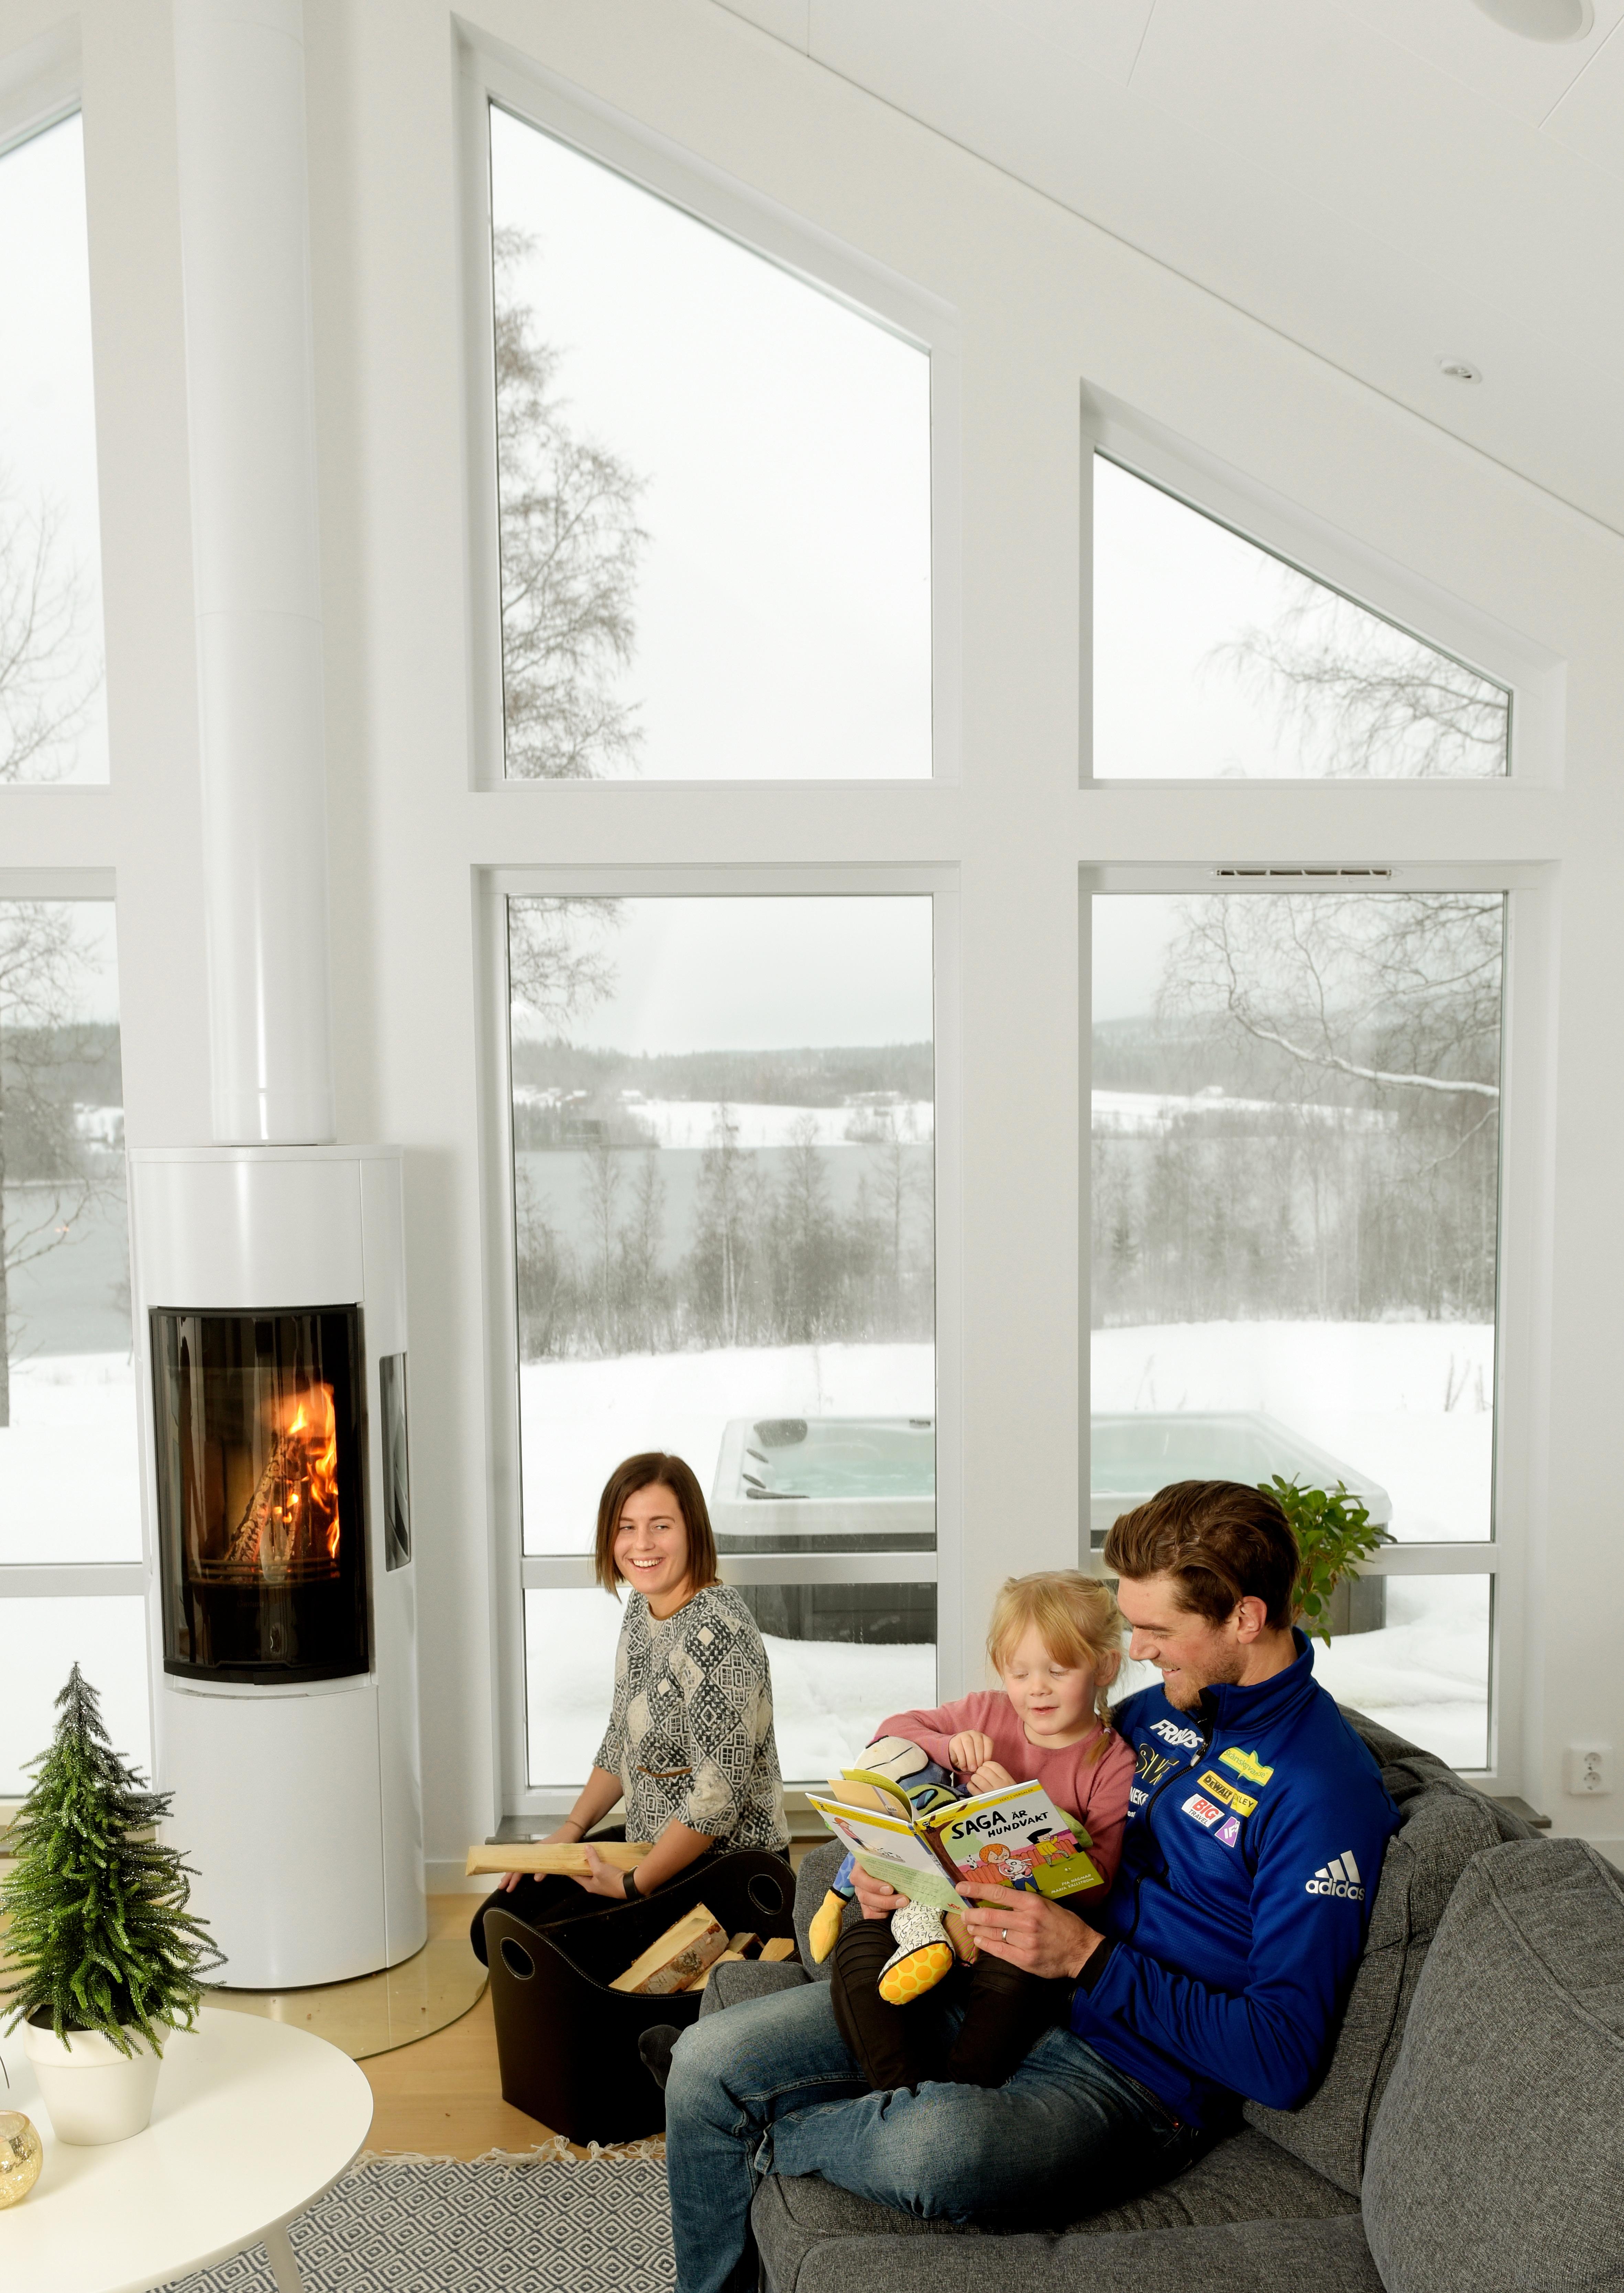 Fredrik Lindström familj 2 Håkan Nordström foto.jpg